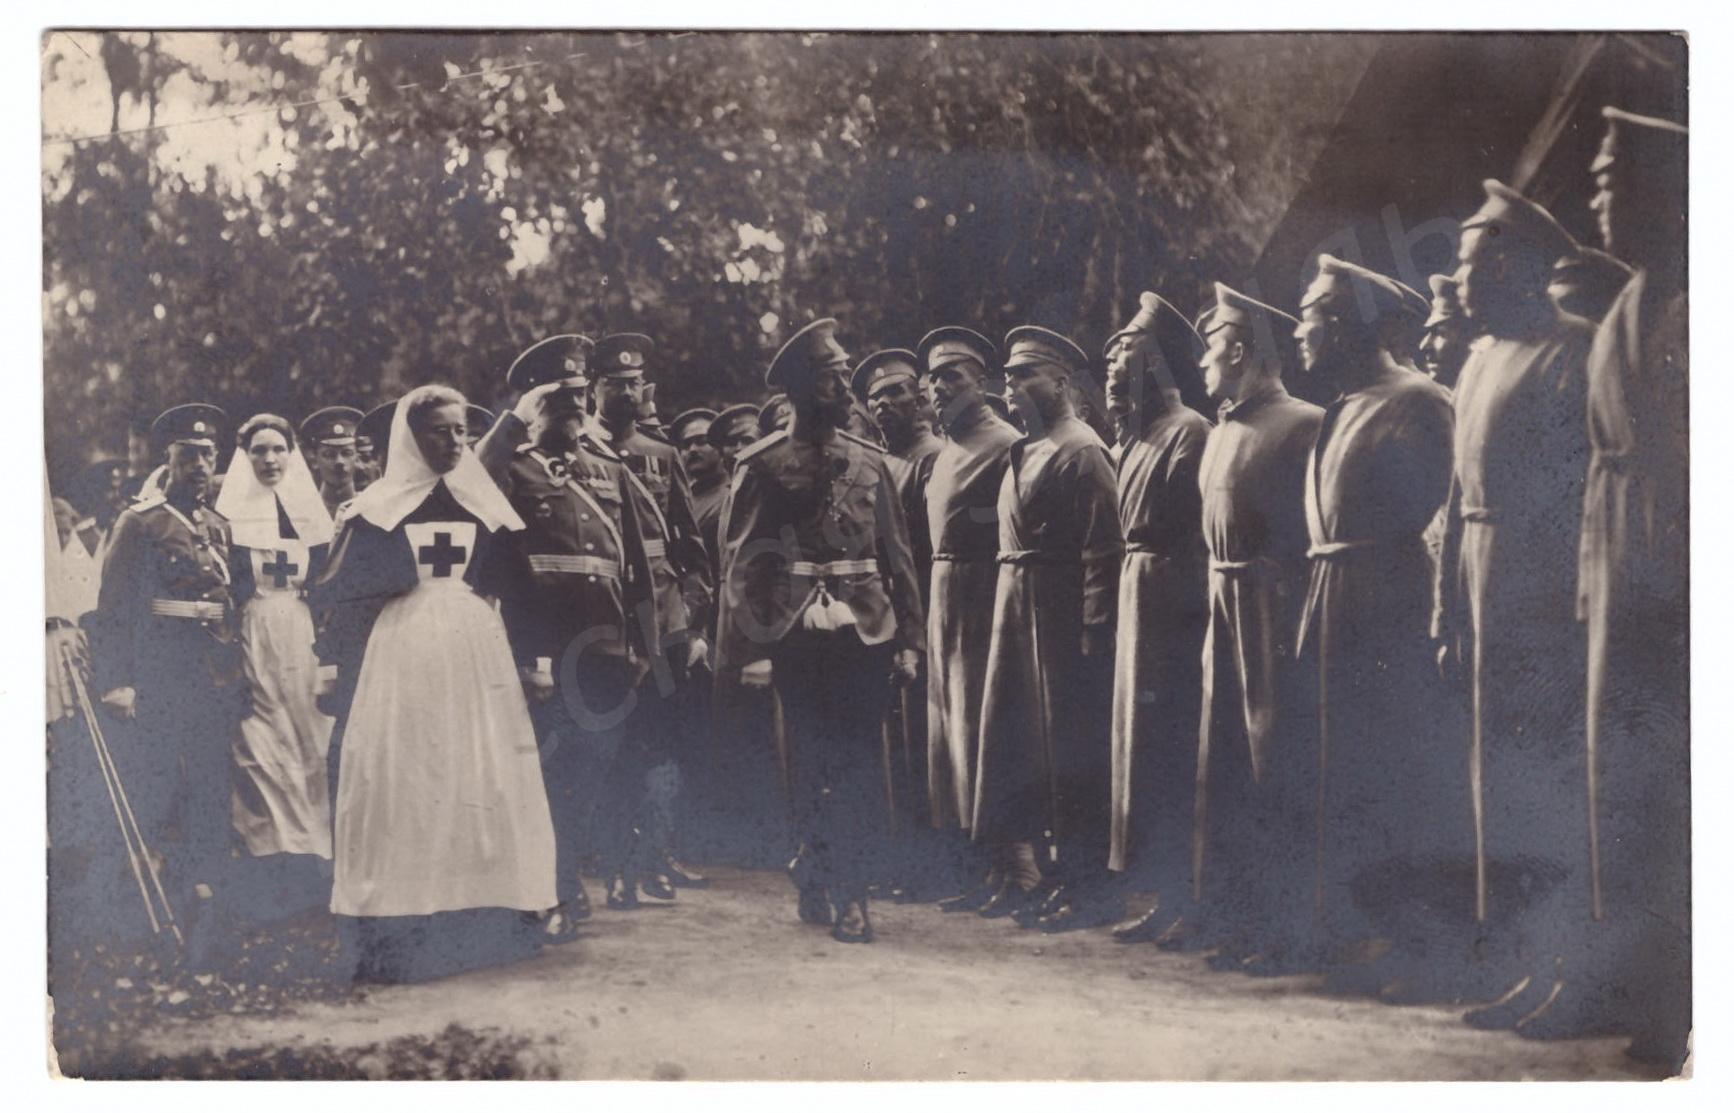 1914. Посещение Его Величеством госпиталя